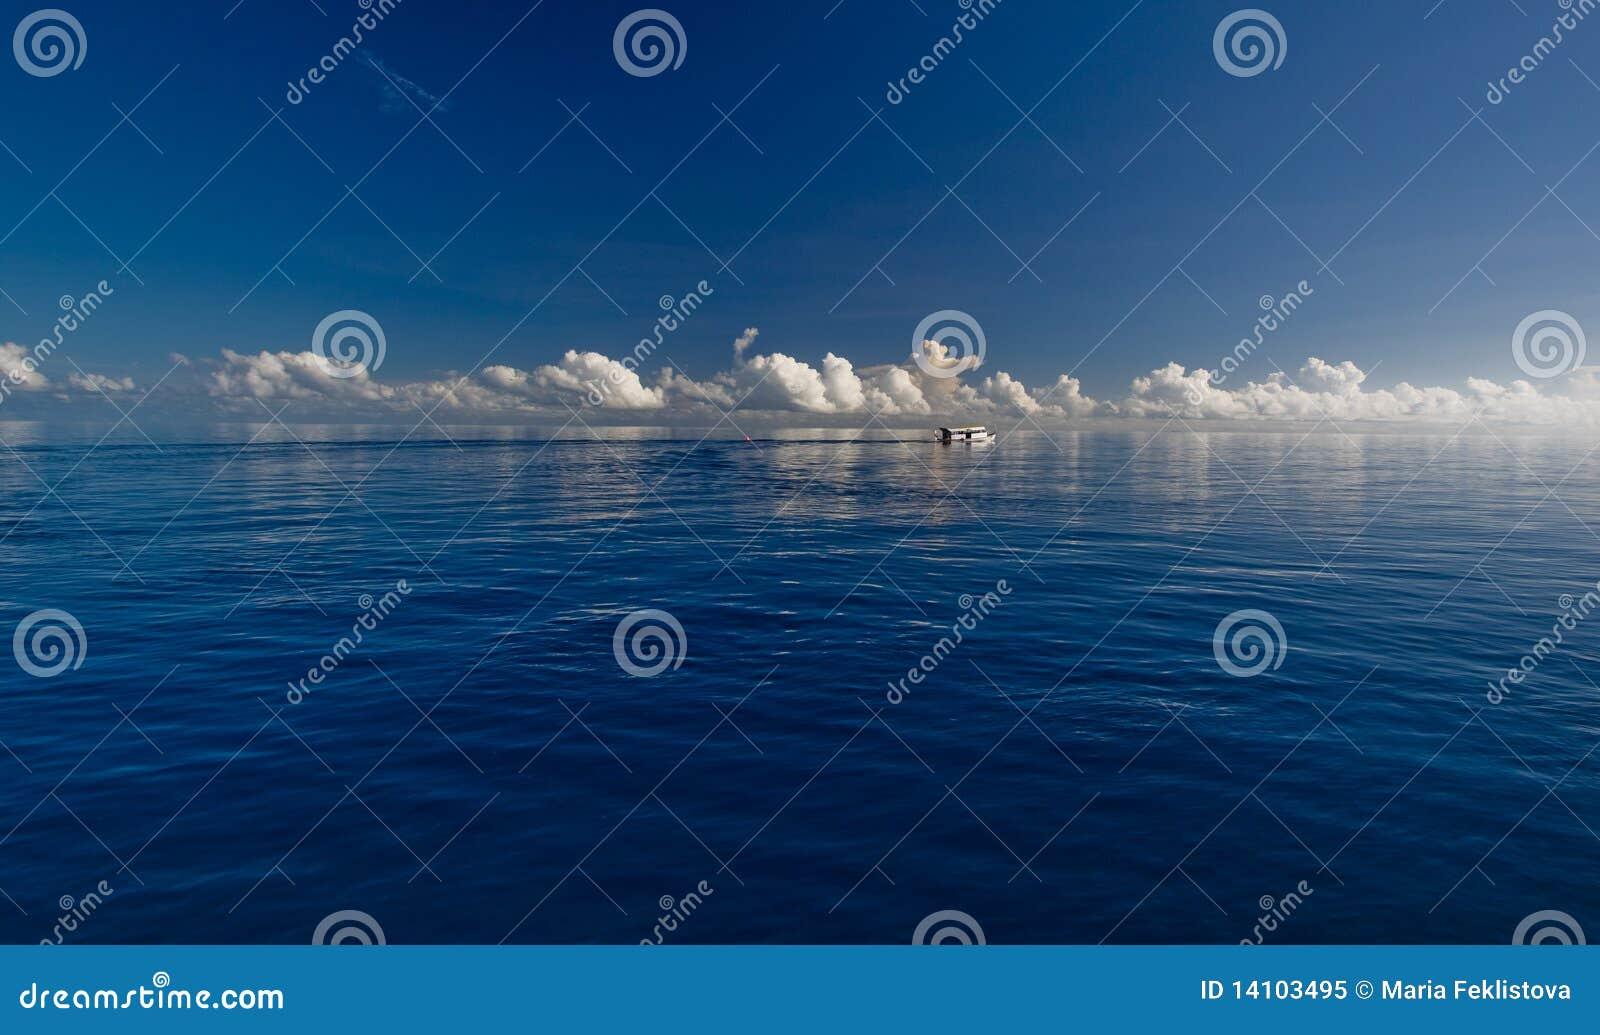 Tiefer blauer Ozean und weiße Wolken